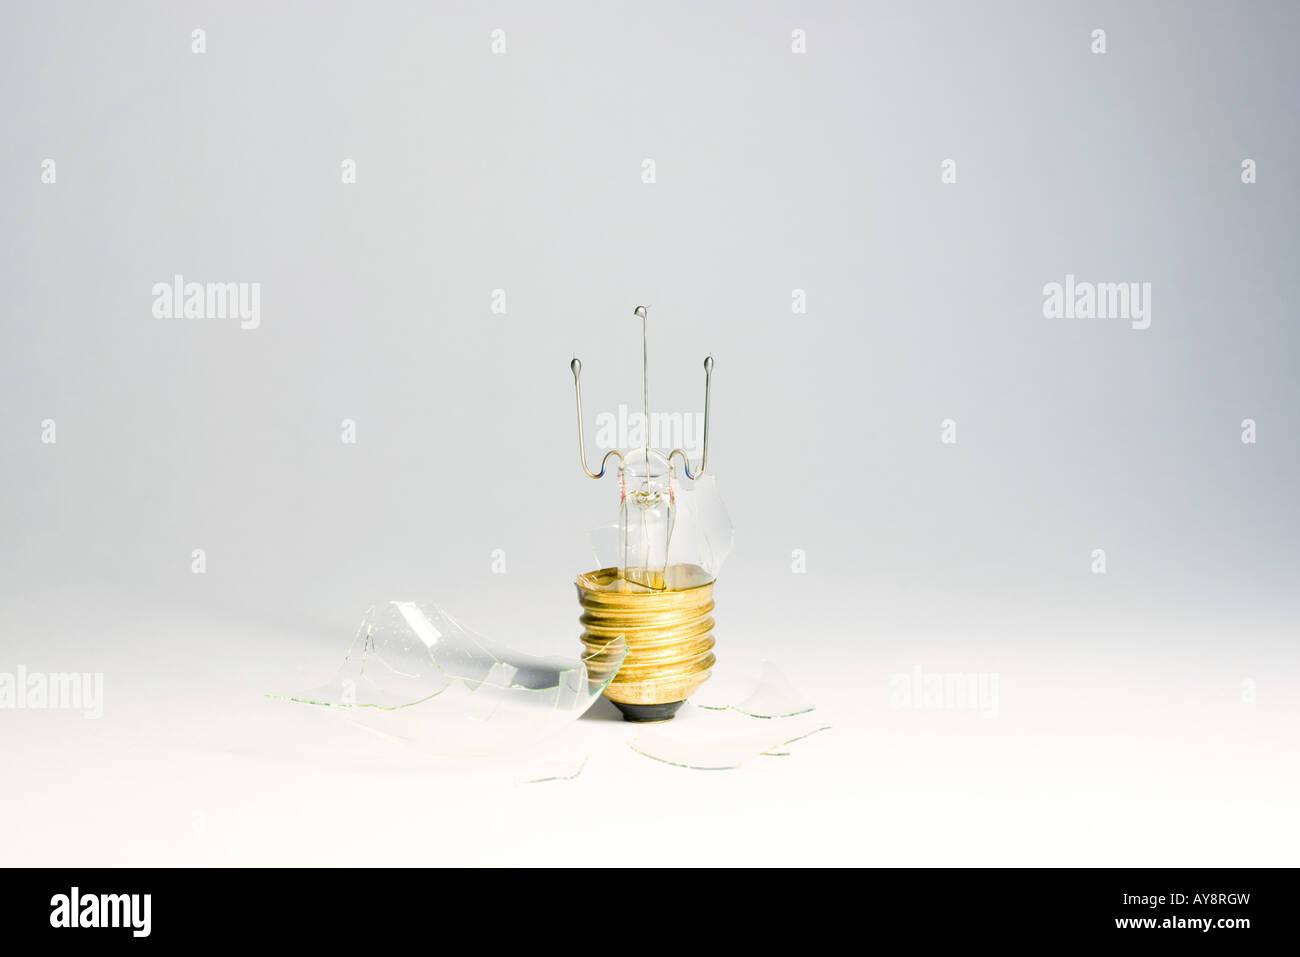 Broken lightbulb, close-up - Stock Image